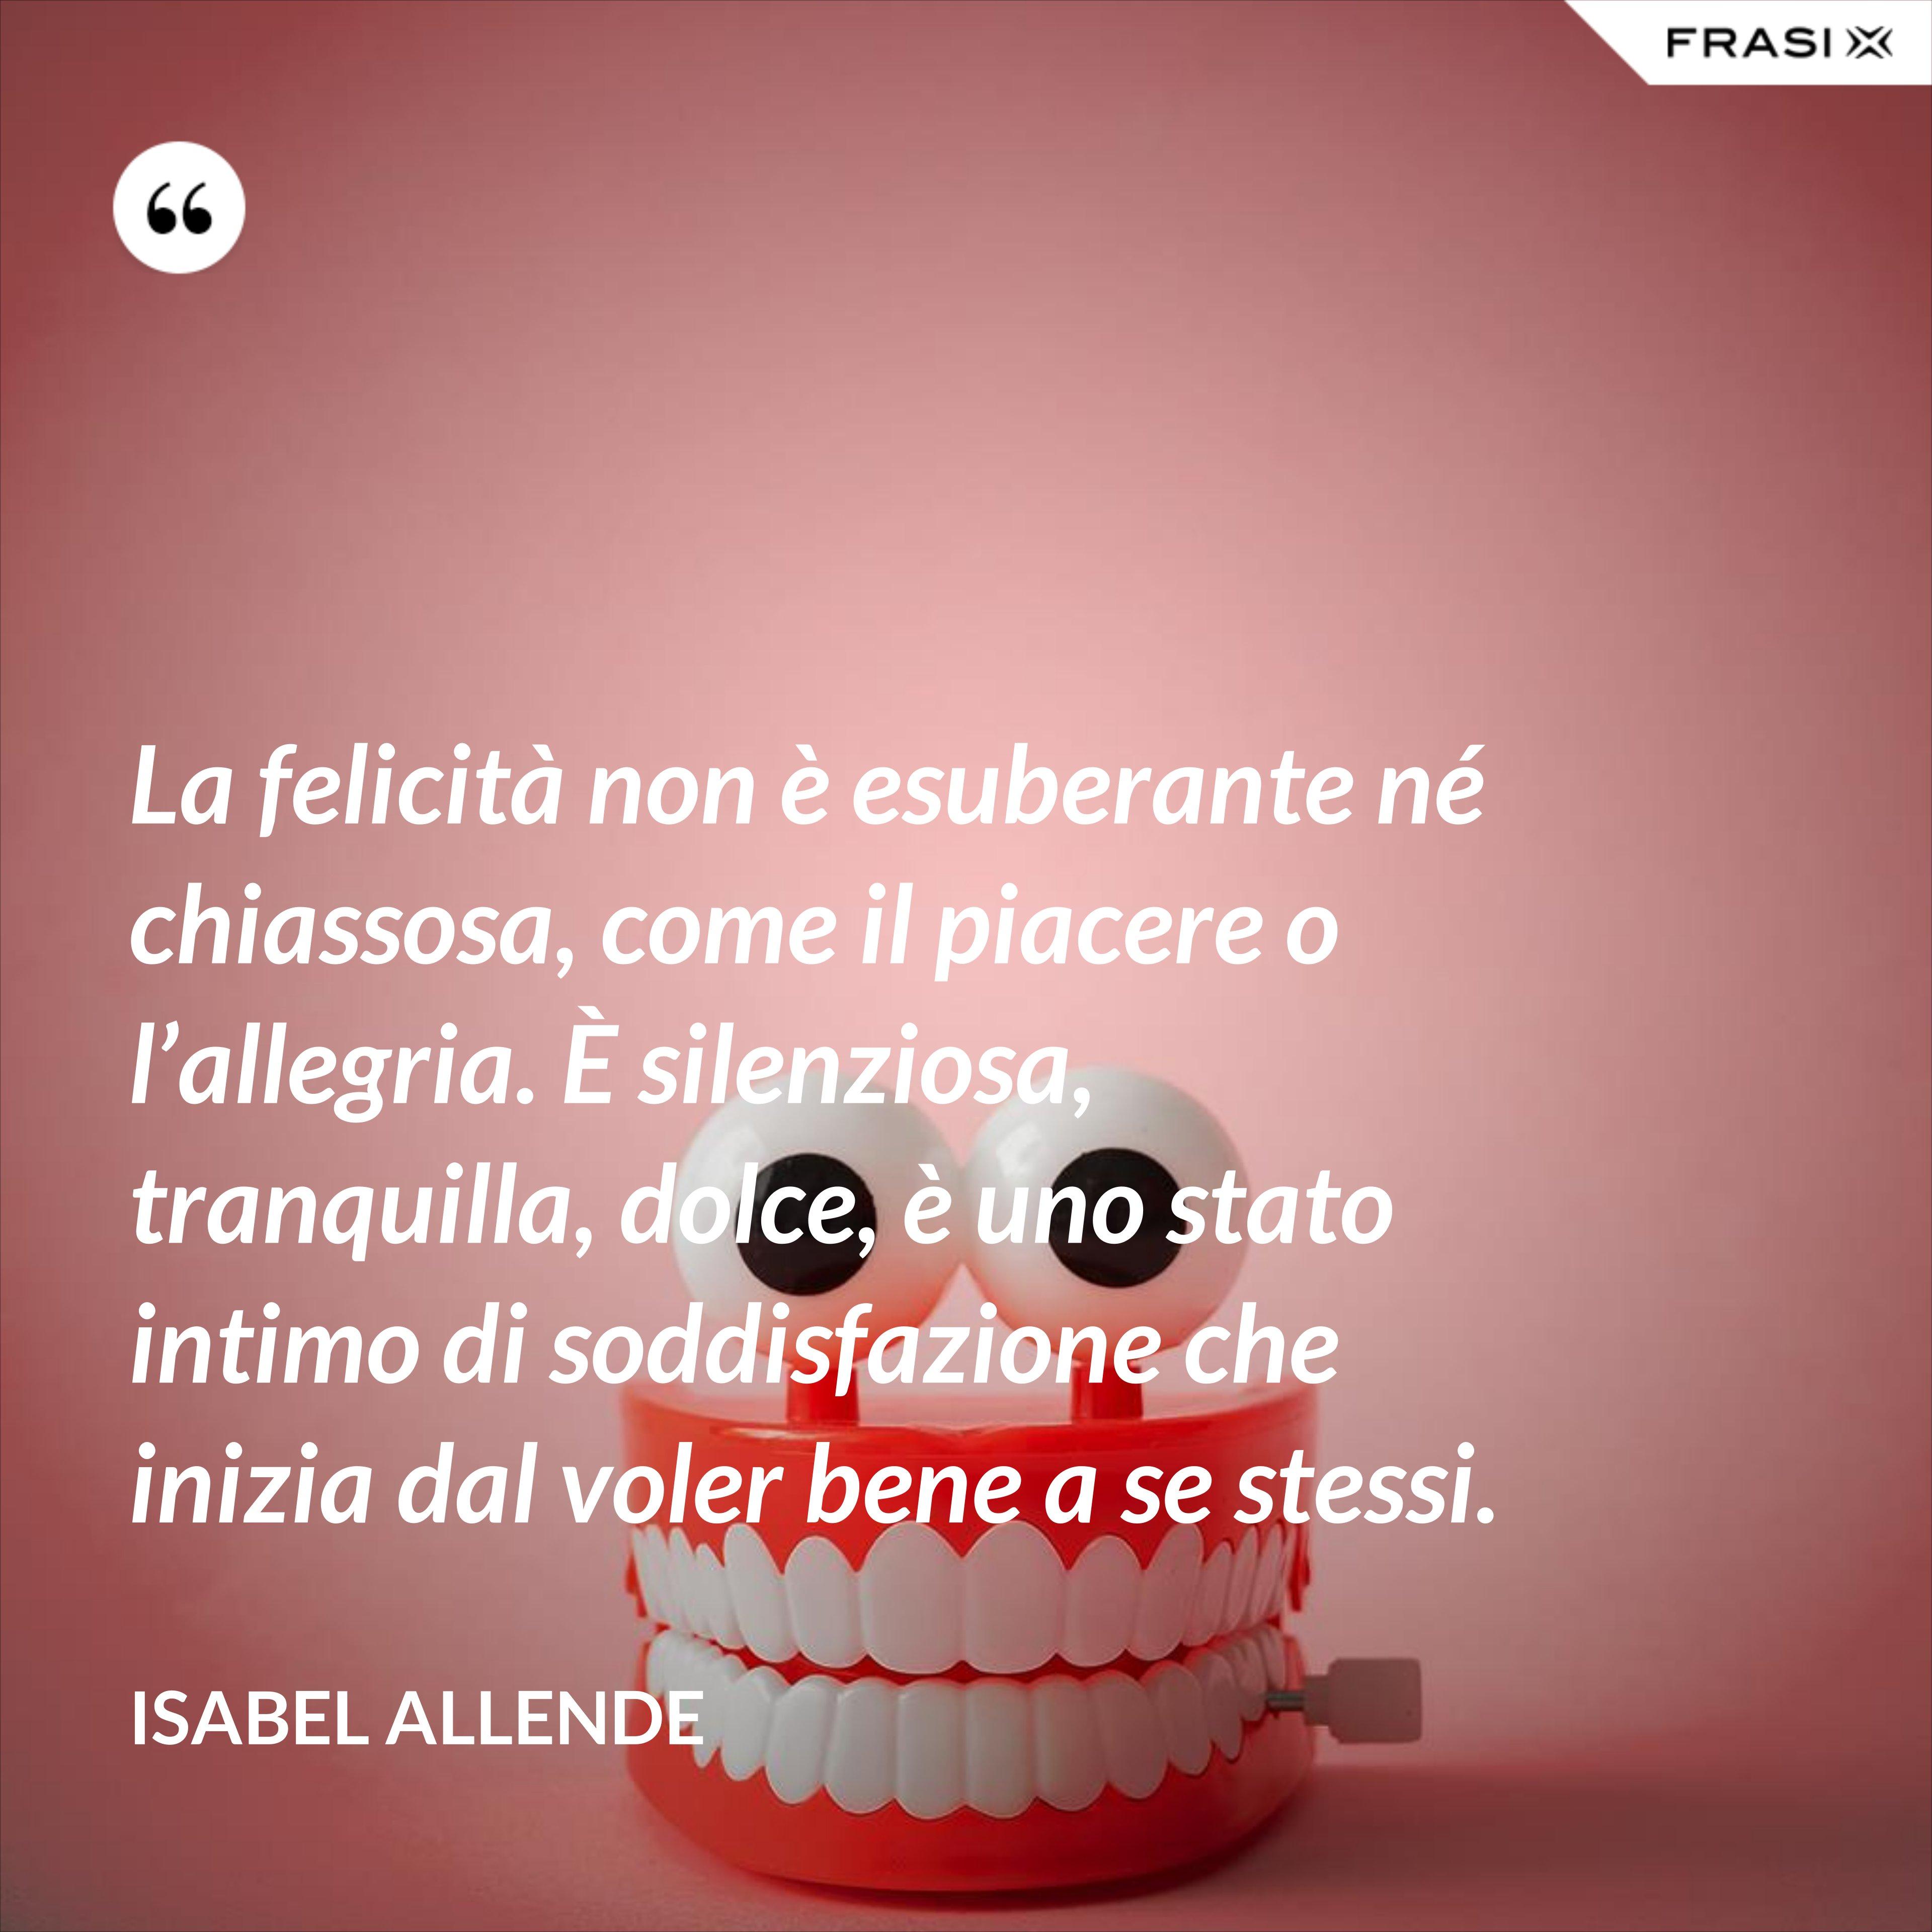 La felicità non è esuberante né chiassosa, come il piacere o l'allegria. È silenziosa, tranquilla, dolce, è uno stato intimo di soddisfazione che inizia dal voler bene a se stessi. - Isabel Allende